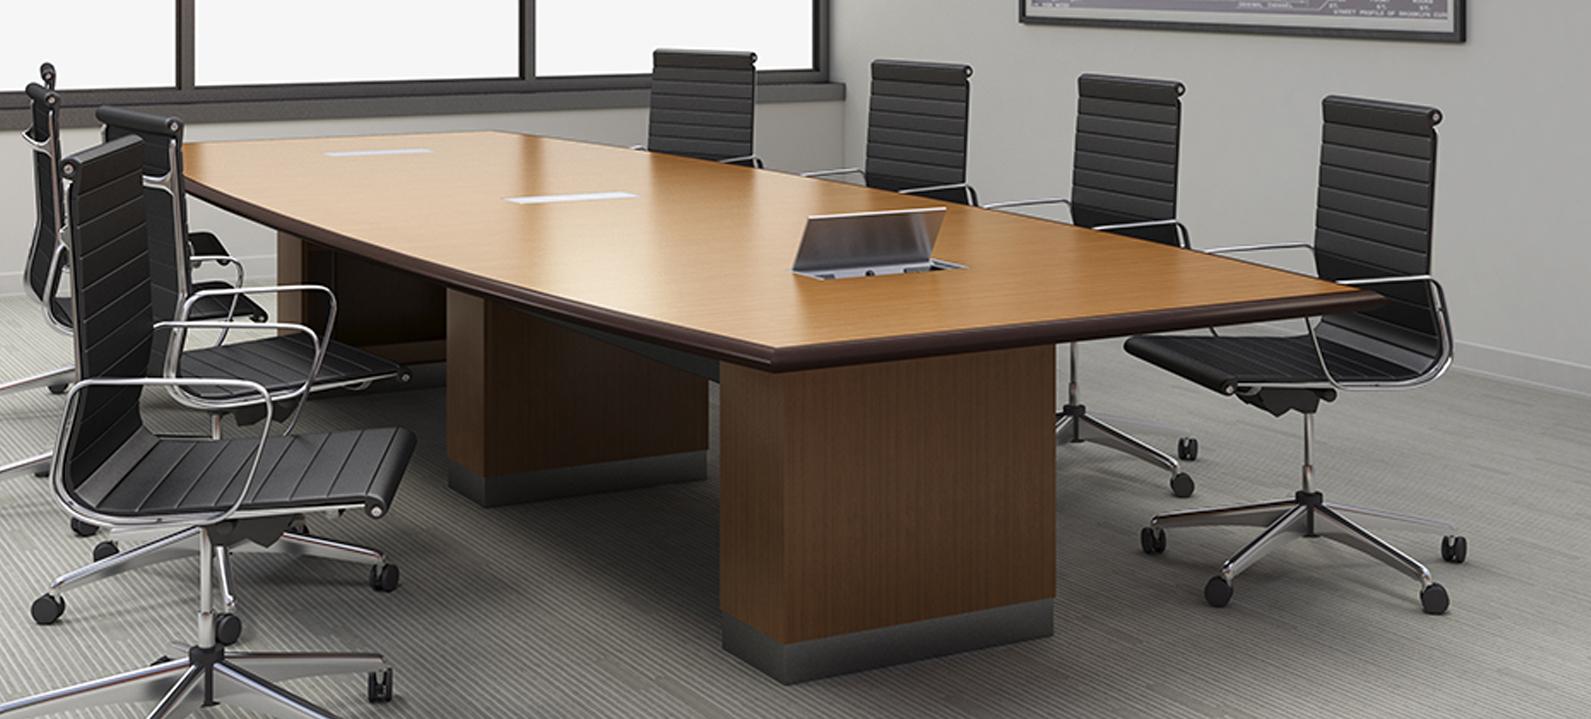 Лучшие офисные столы в 2021 году